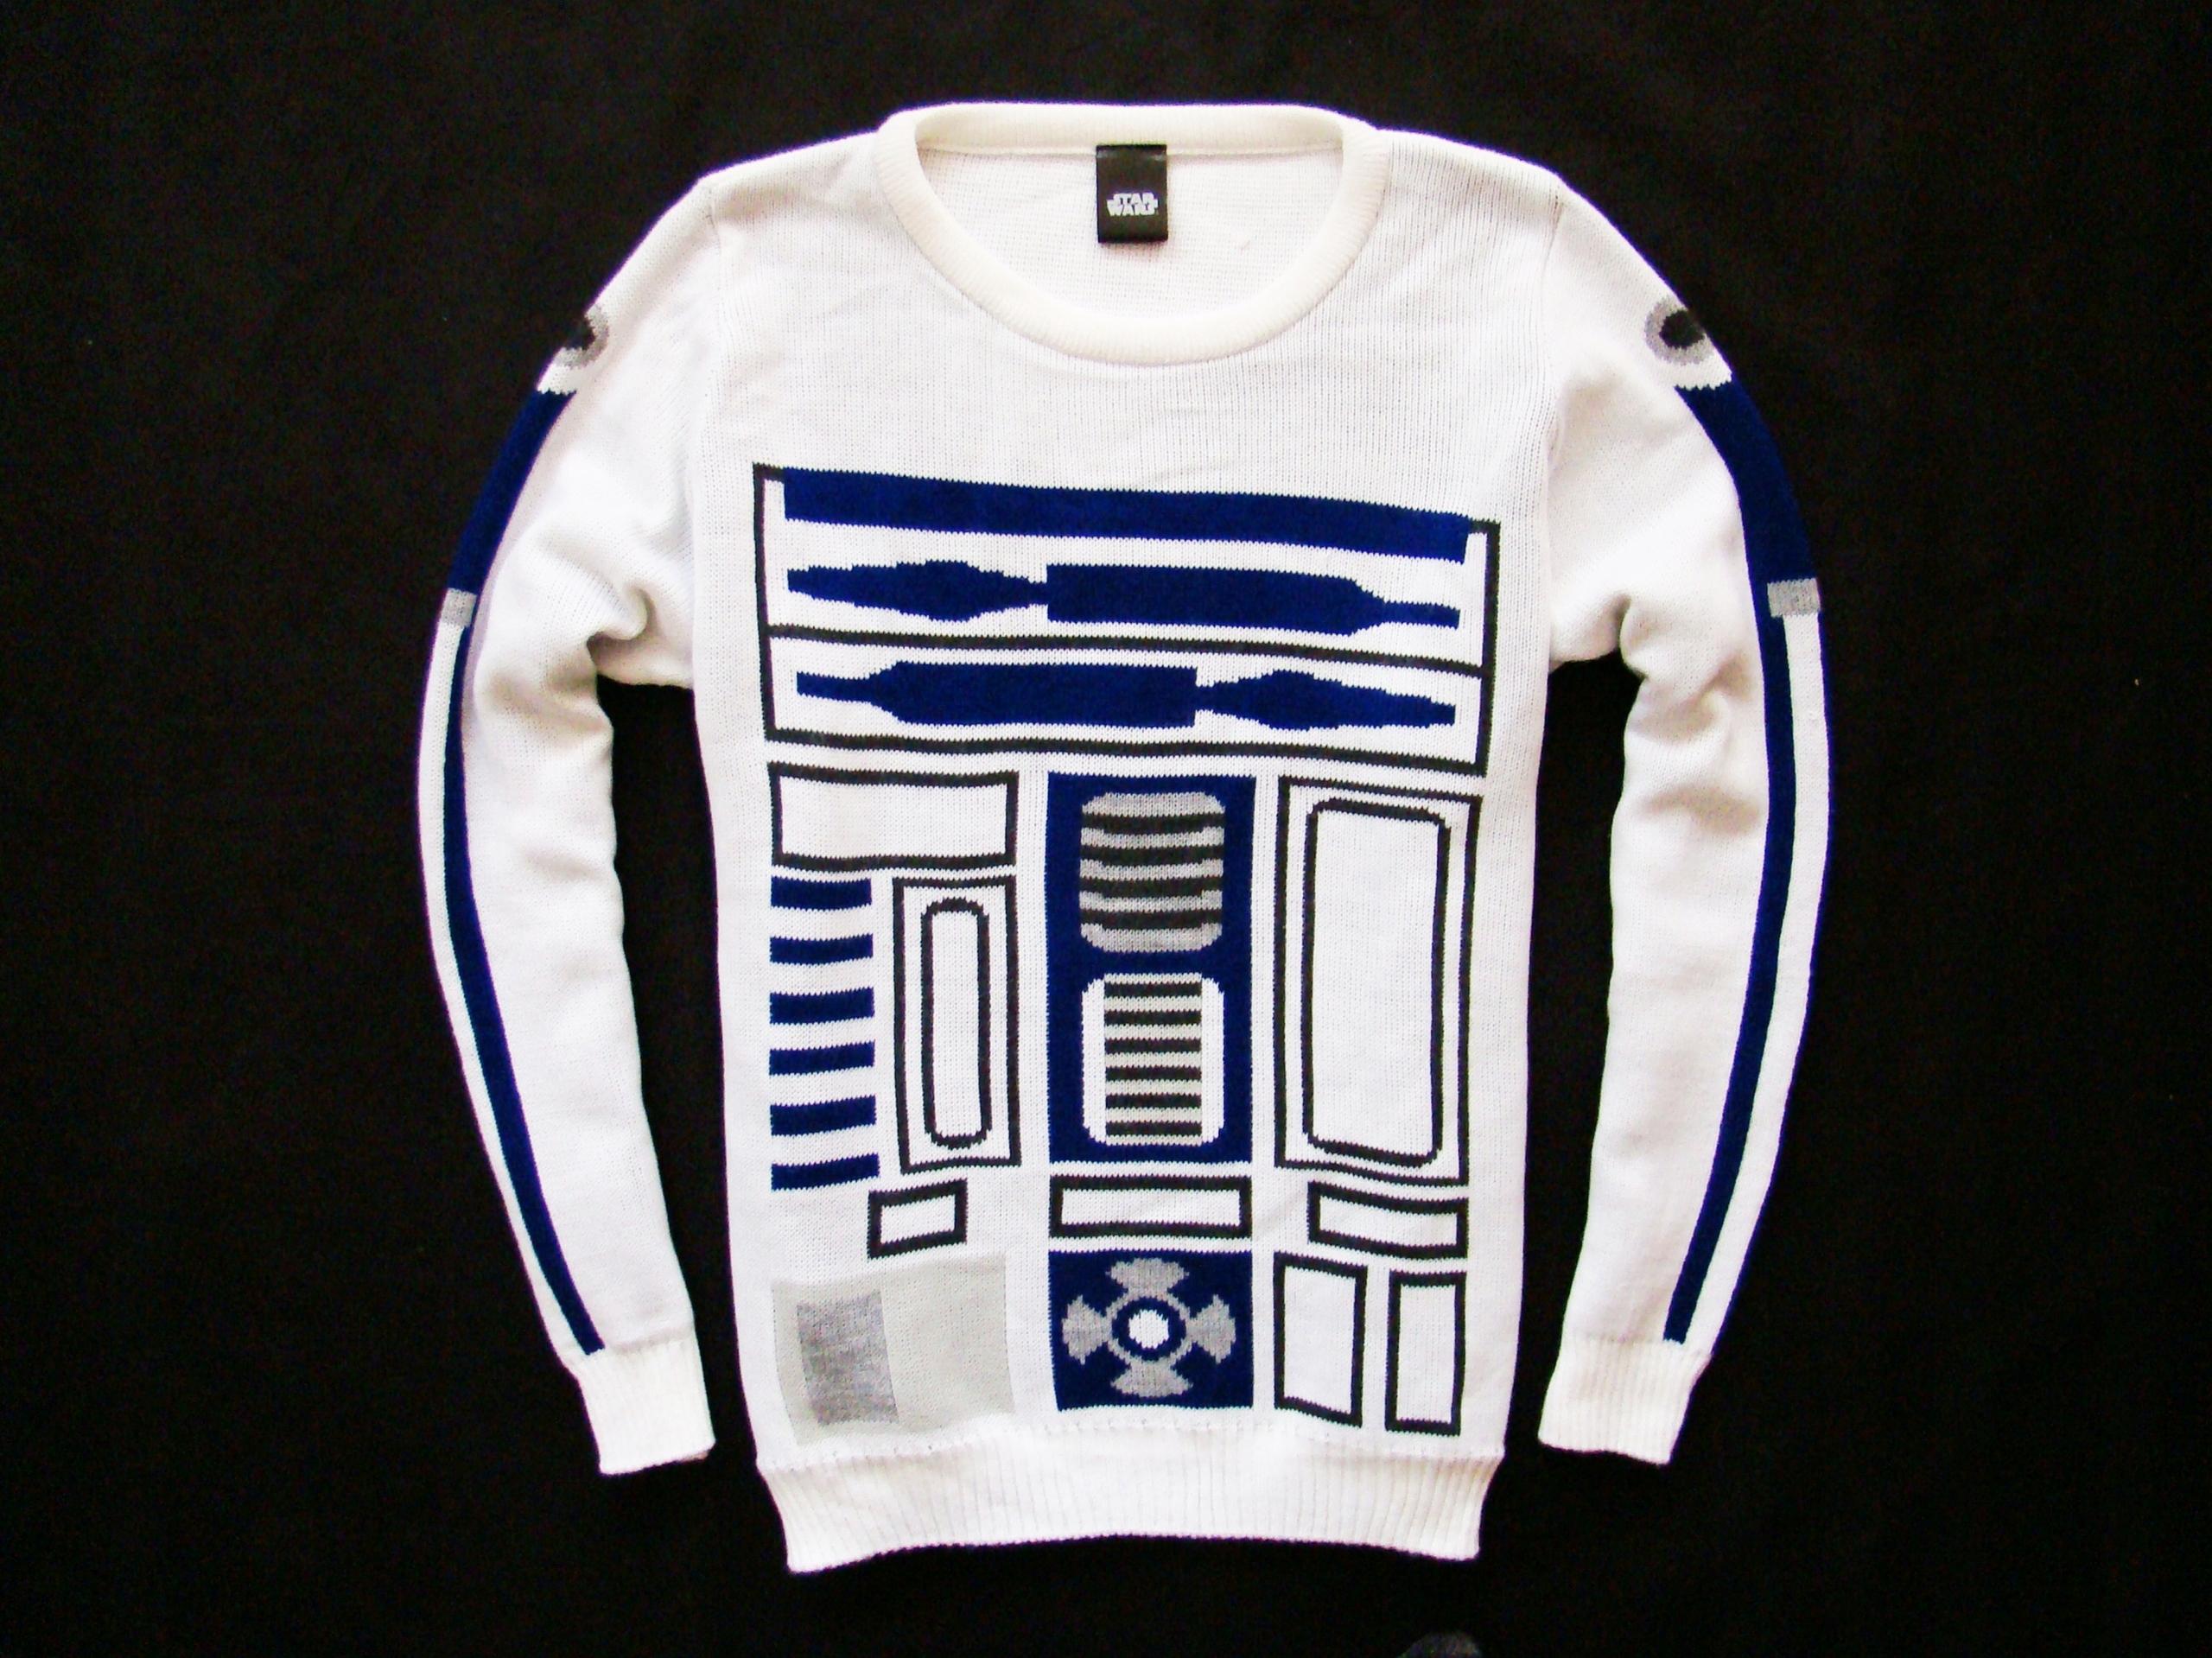 STAR WARS markowy NOWY sweter rozm 2 XL / 3XL